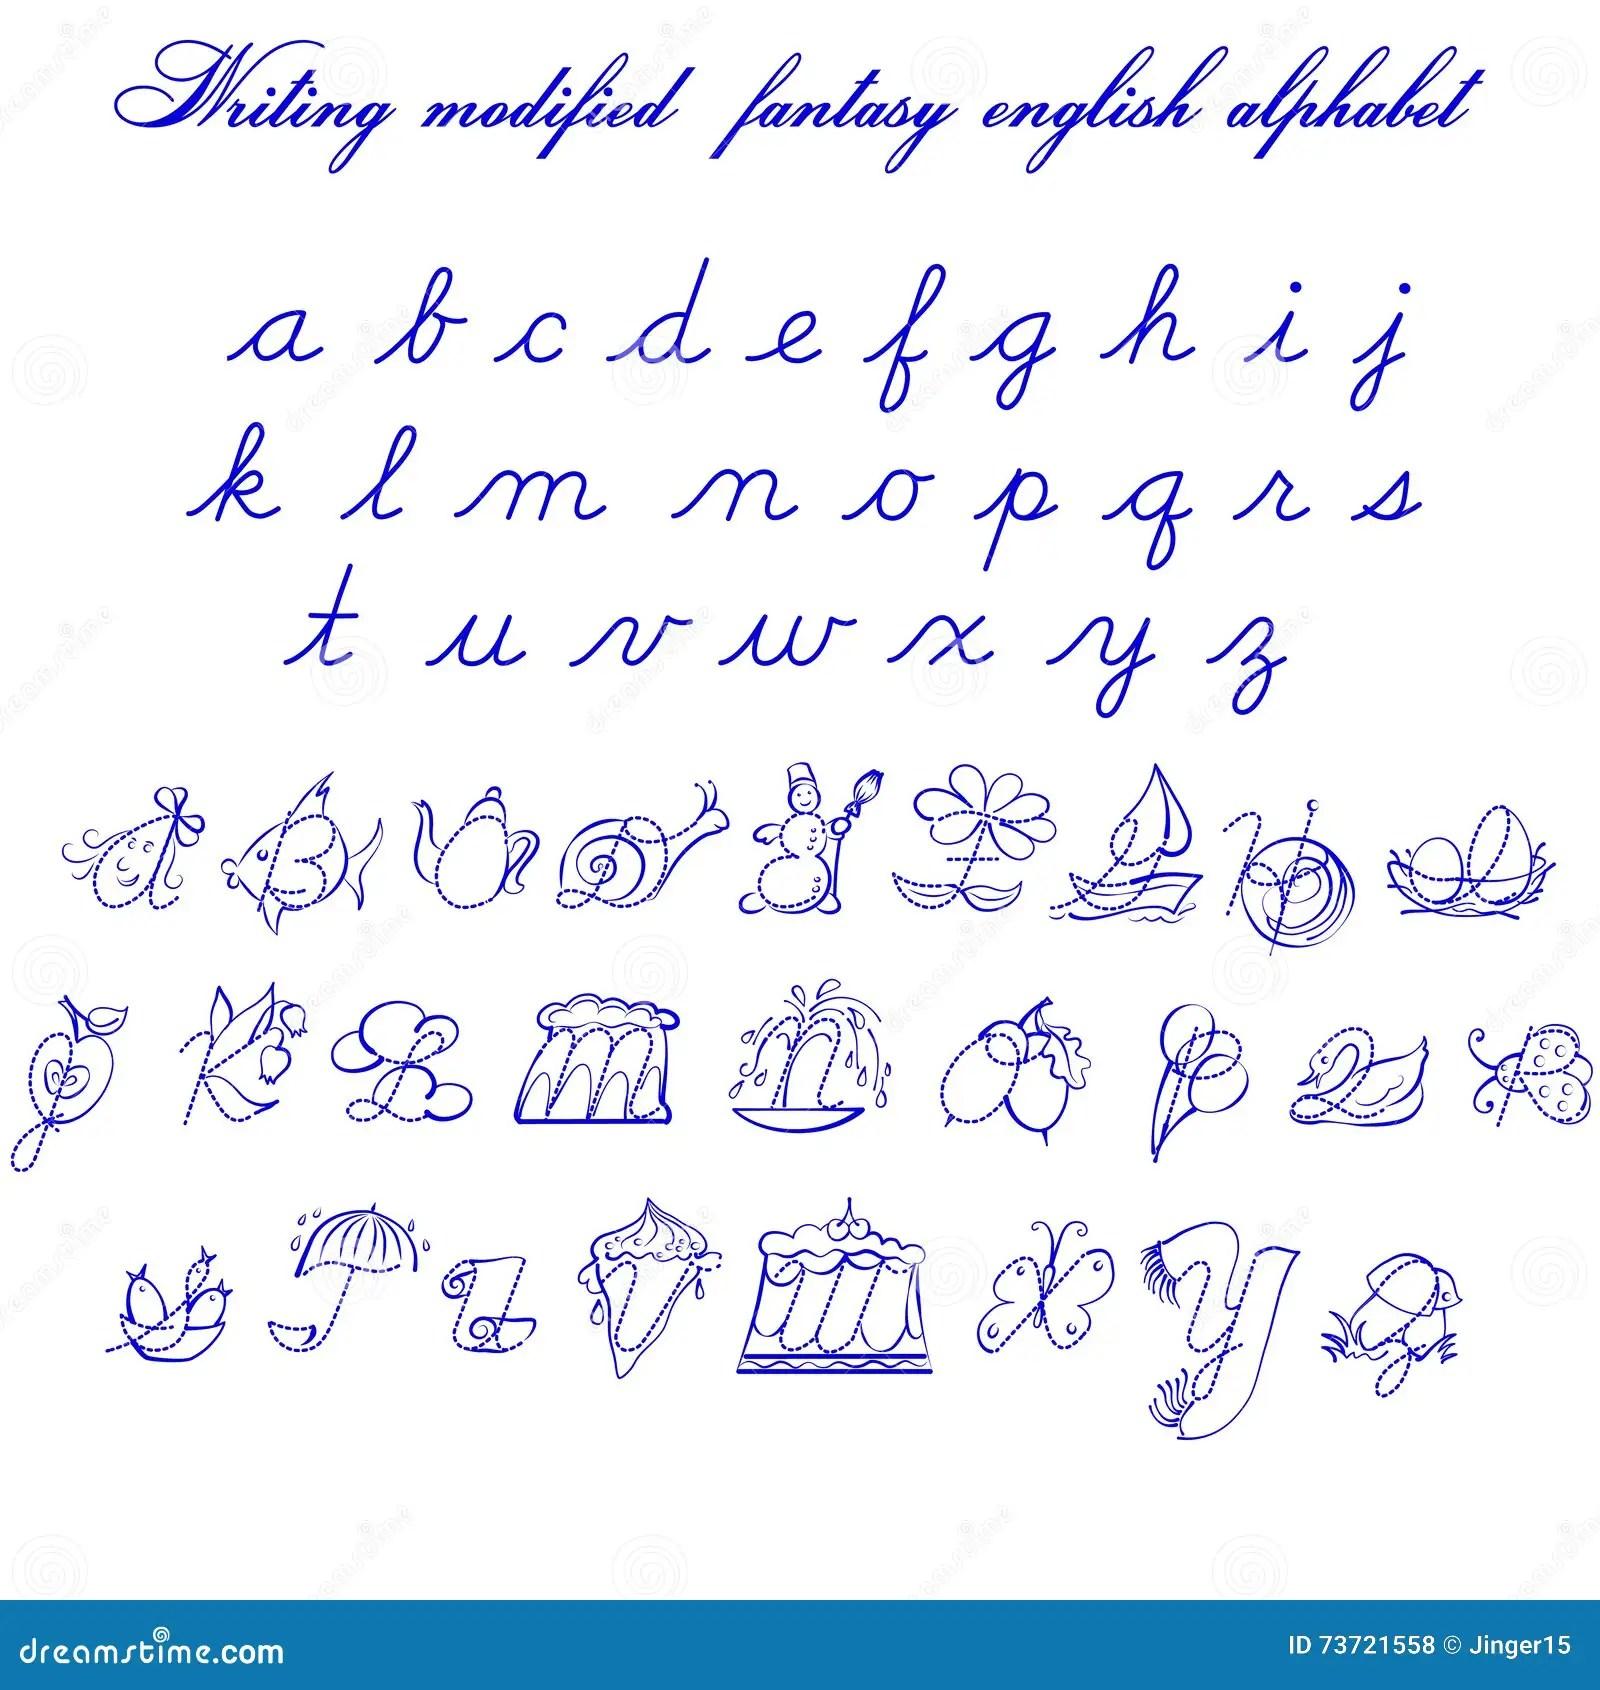 Writing Modifyed Fantasy English Alphabet Illustration